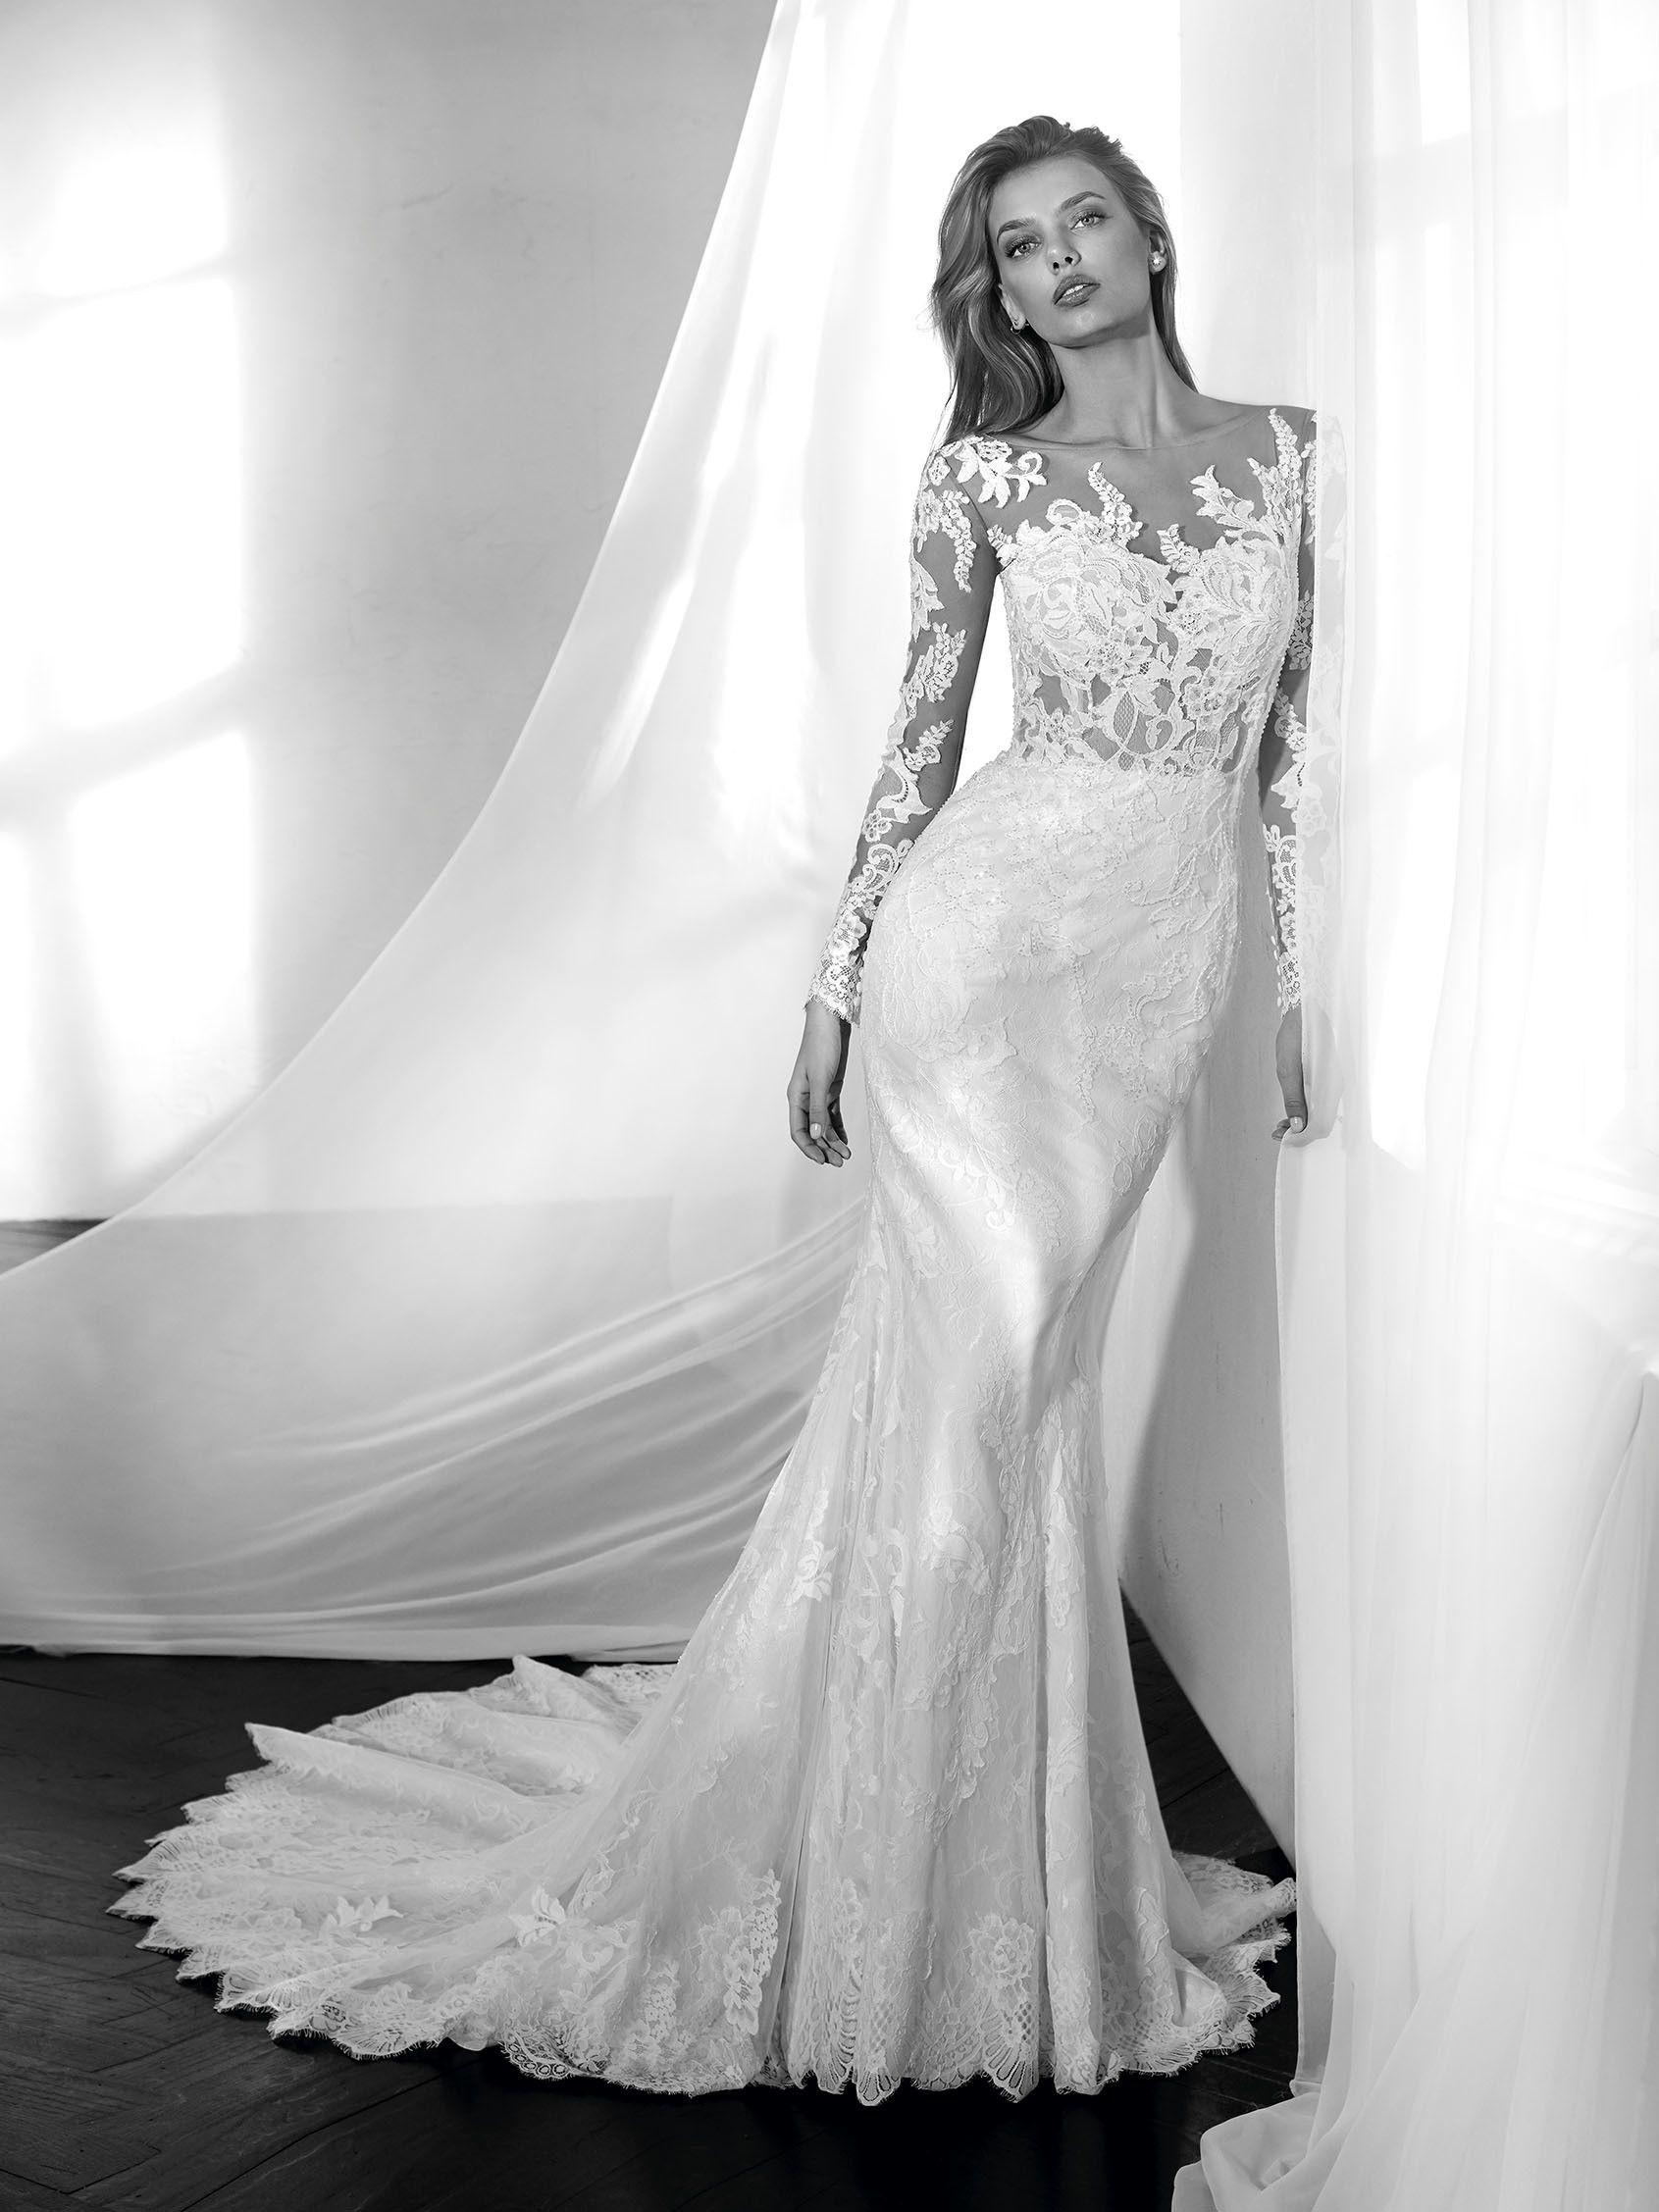 Zama Wedding Dress With Long Sleeves Wedding Dresses Long Sleeve Mermaid Wedding Dress Elegant Bridal Gown